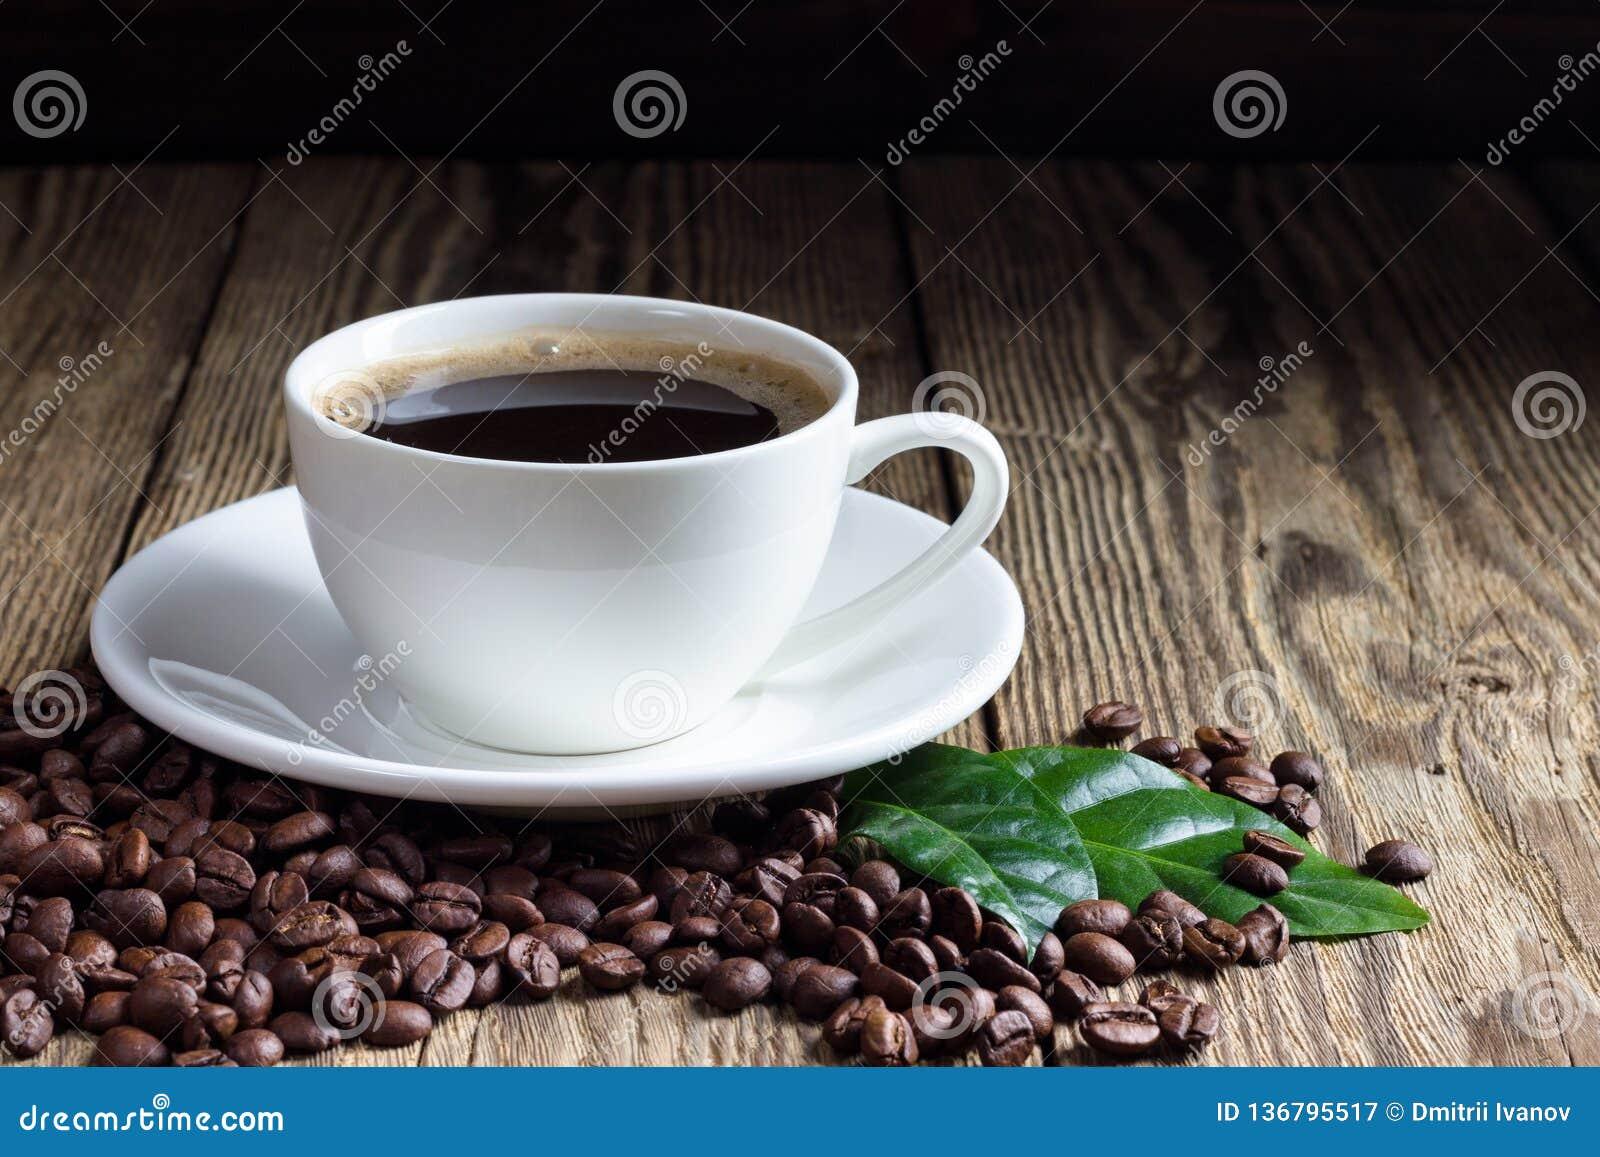 Tasse de café avec des grains de café